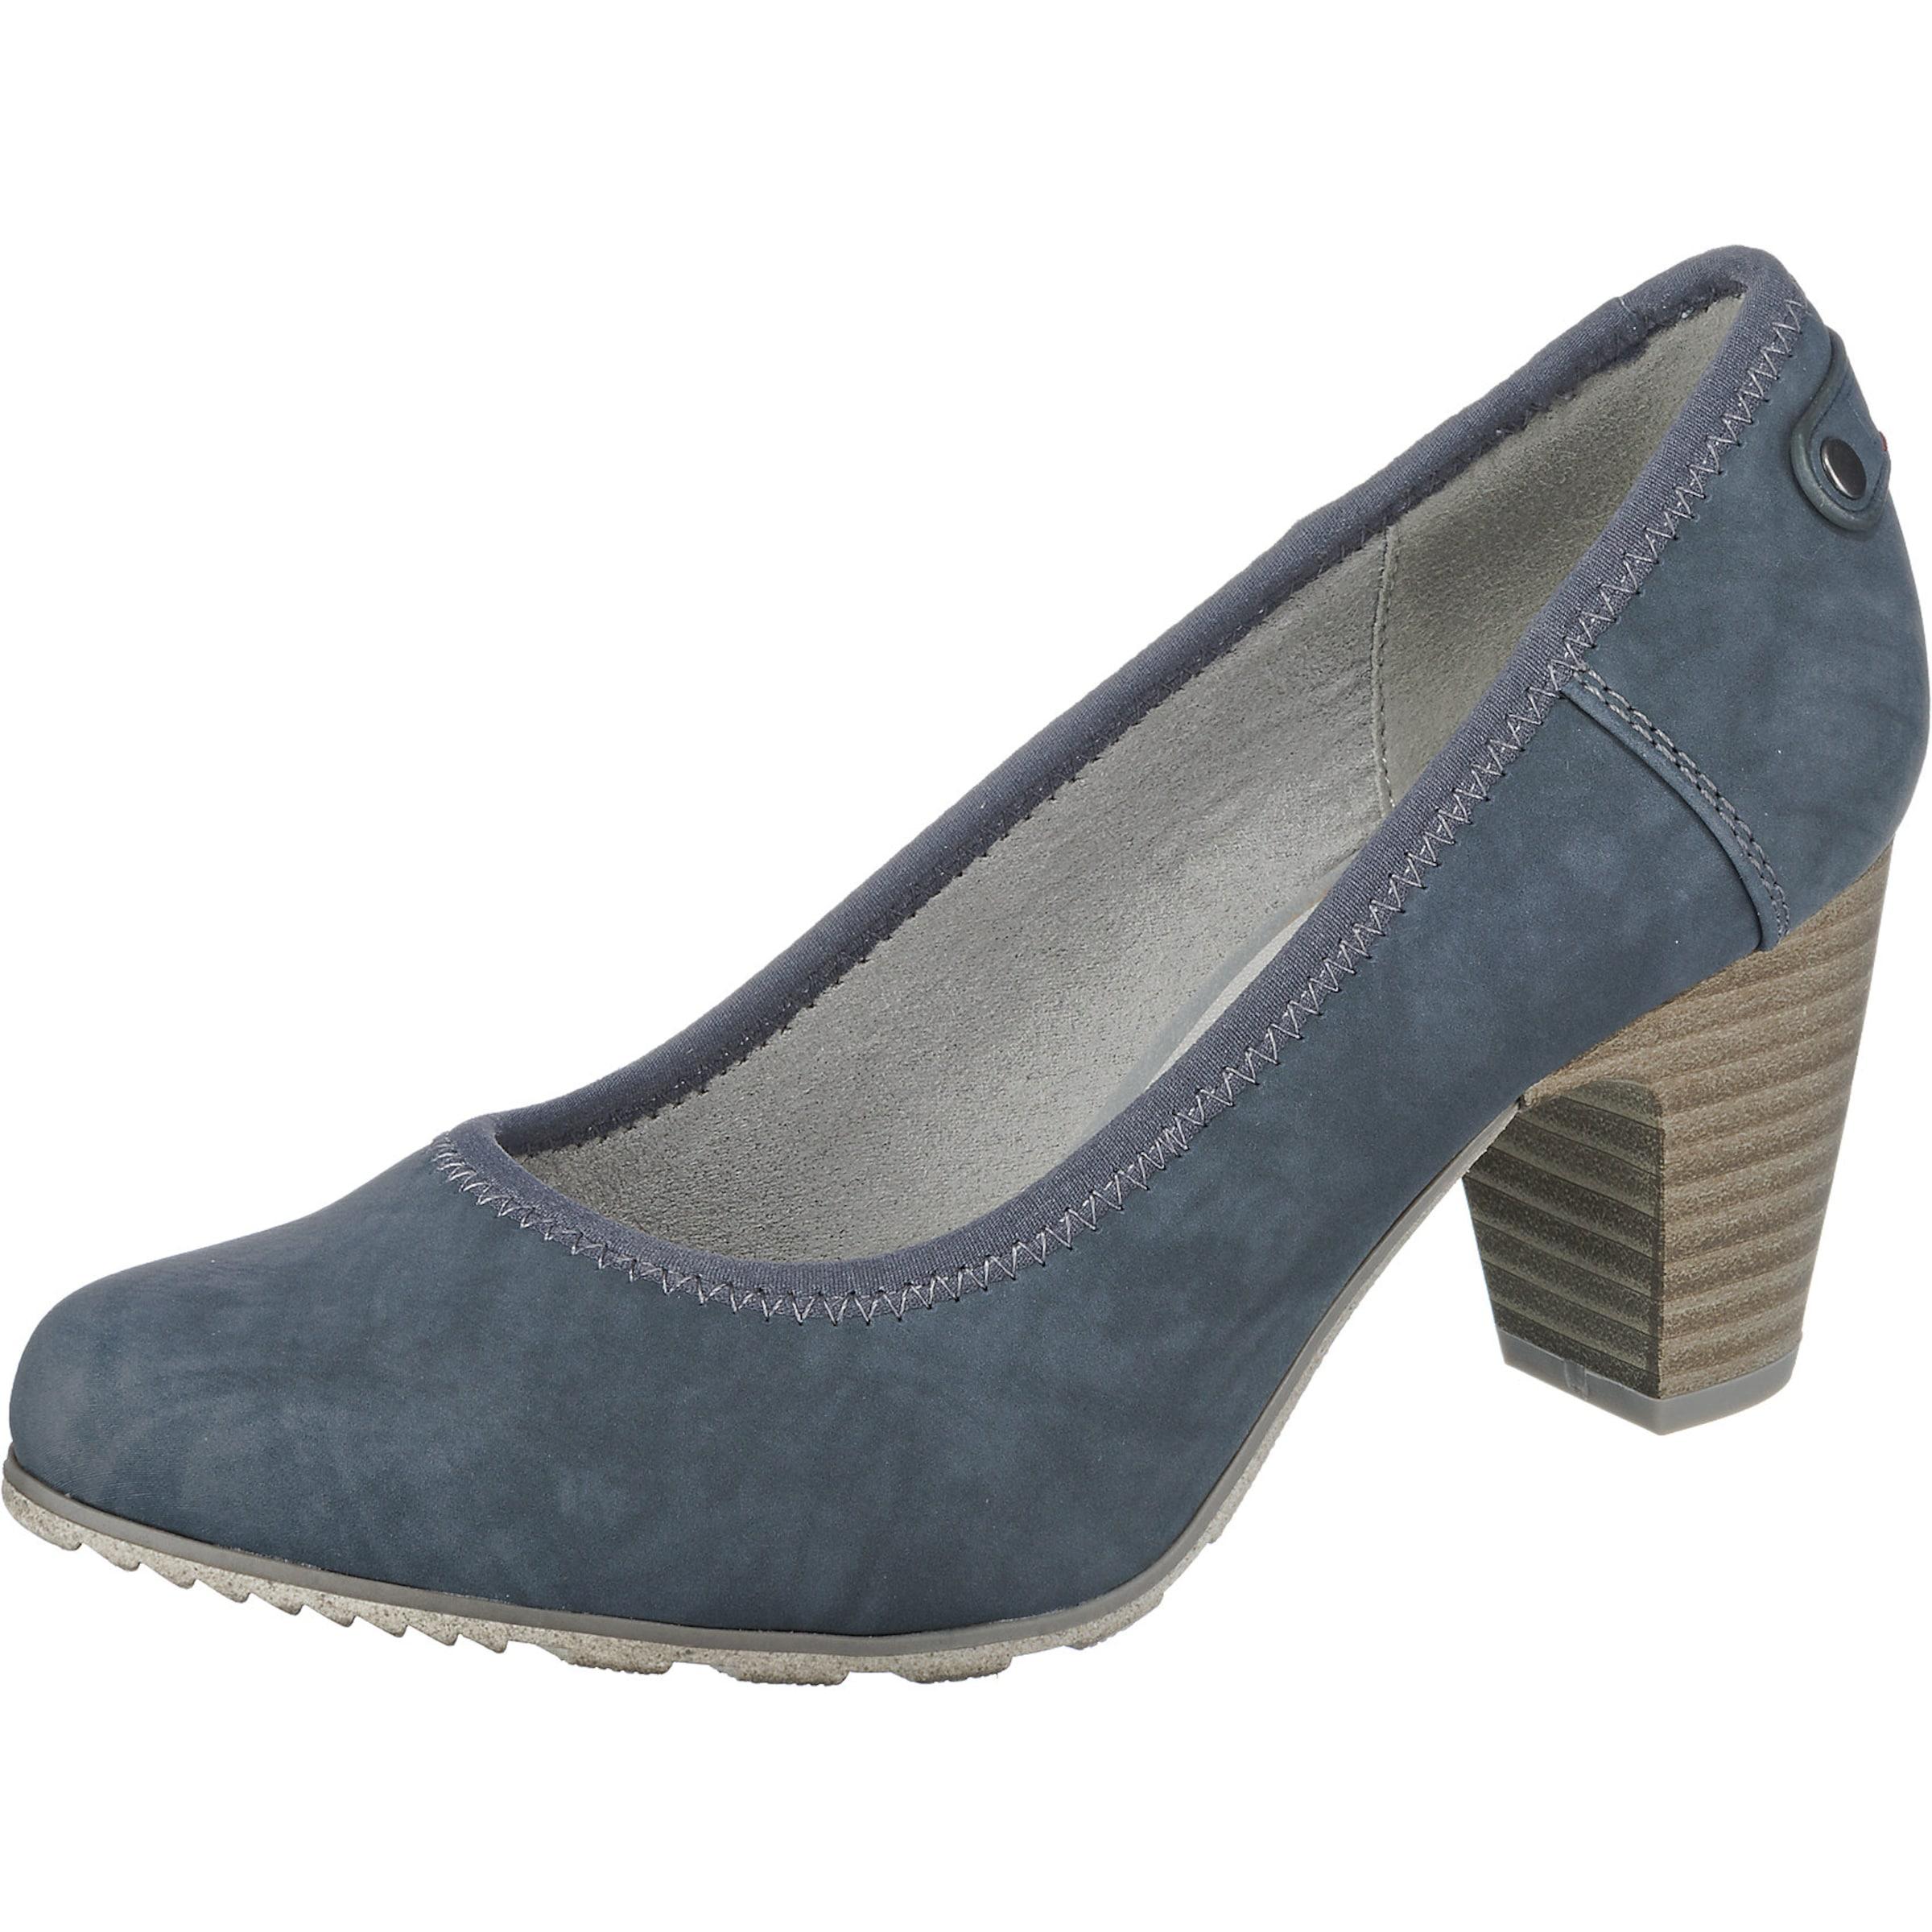 s.Oliver RED LABEL Pumps Verschleißfeste billige Schuhe